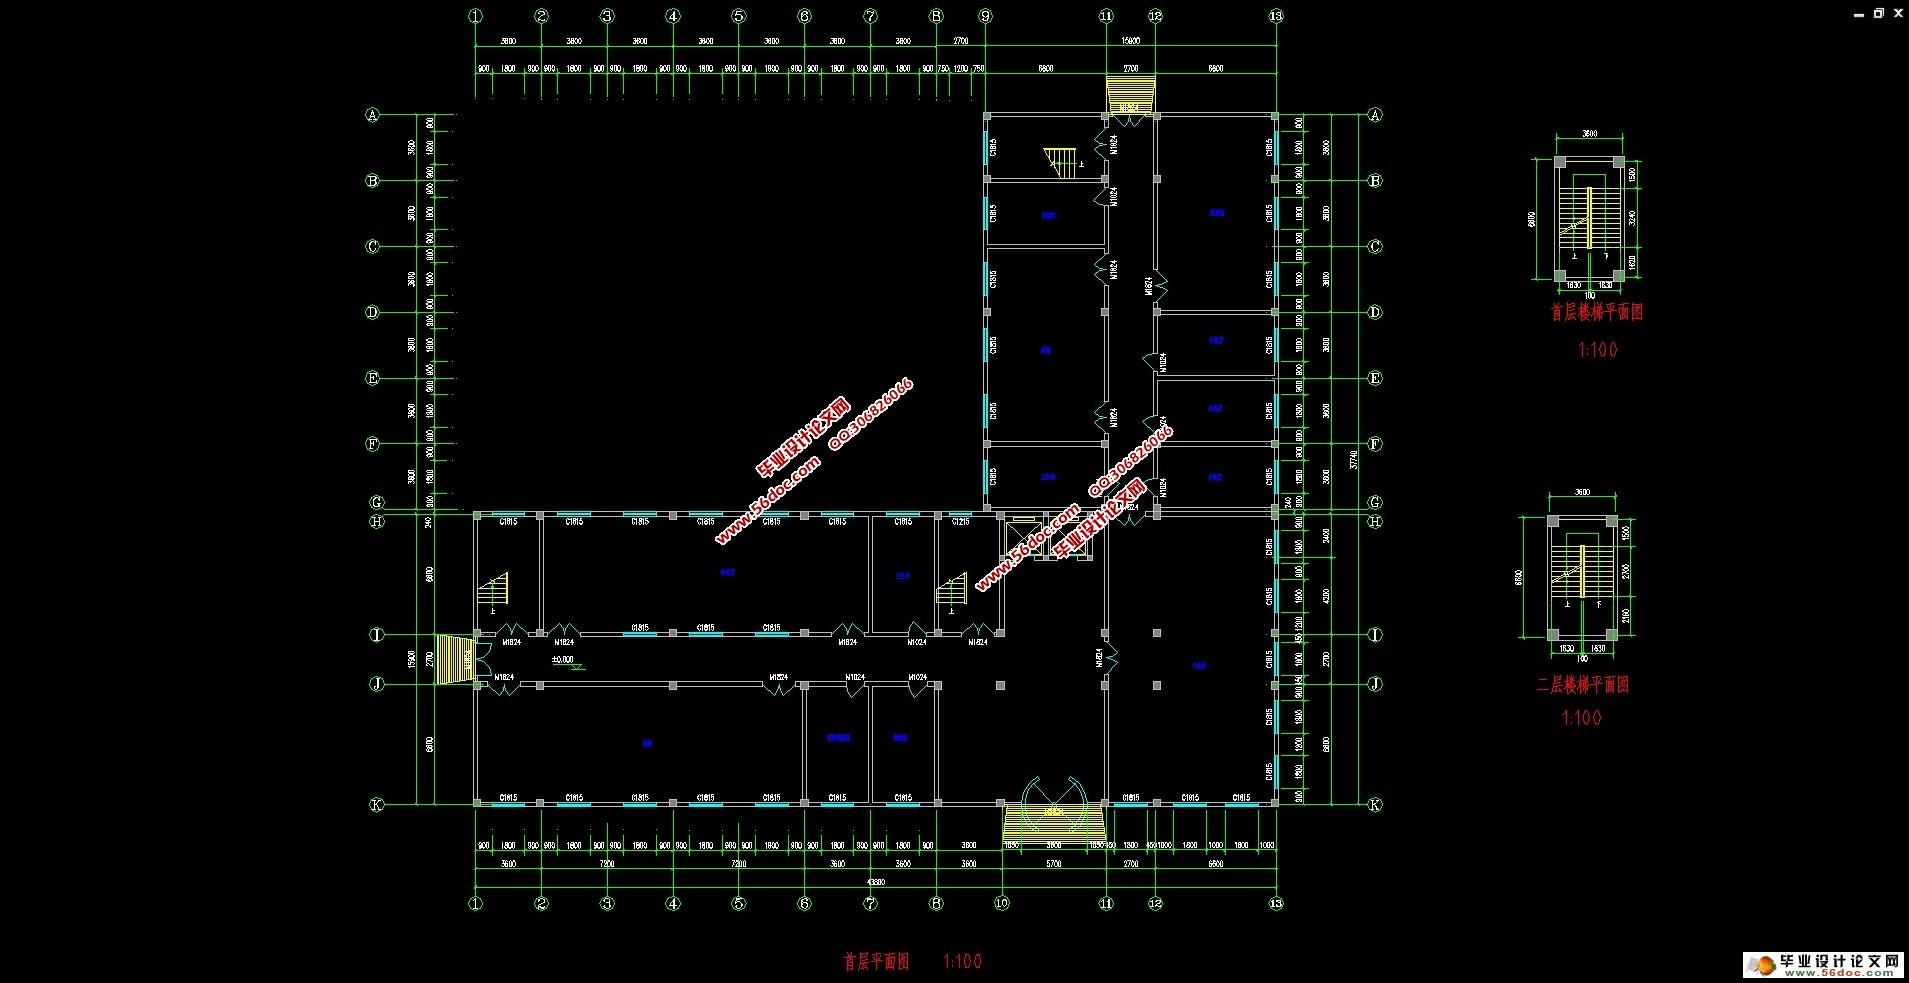 五层5300平米汨罗宾馆(建筑结构,电算和手算,工程量清单)(任务书,开题报告,电算计算书10000字,手算计算书10000字,工程量清单,建筑图12张,结构图14张) 工程概况 本工程是一栋五层宾馆,标准层高 3.3m,首层层高3.9m。采用钢筋混凝土框架结构,建筑工程等级为三级、耐火等级为三级,合理使用年限为 50 年,本地区为 7度抗震设防区。 1.